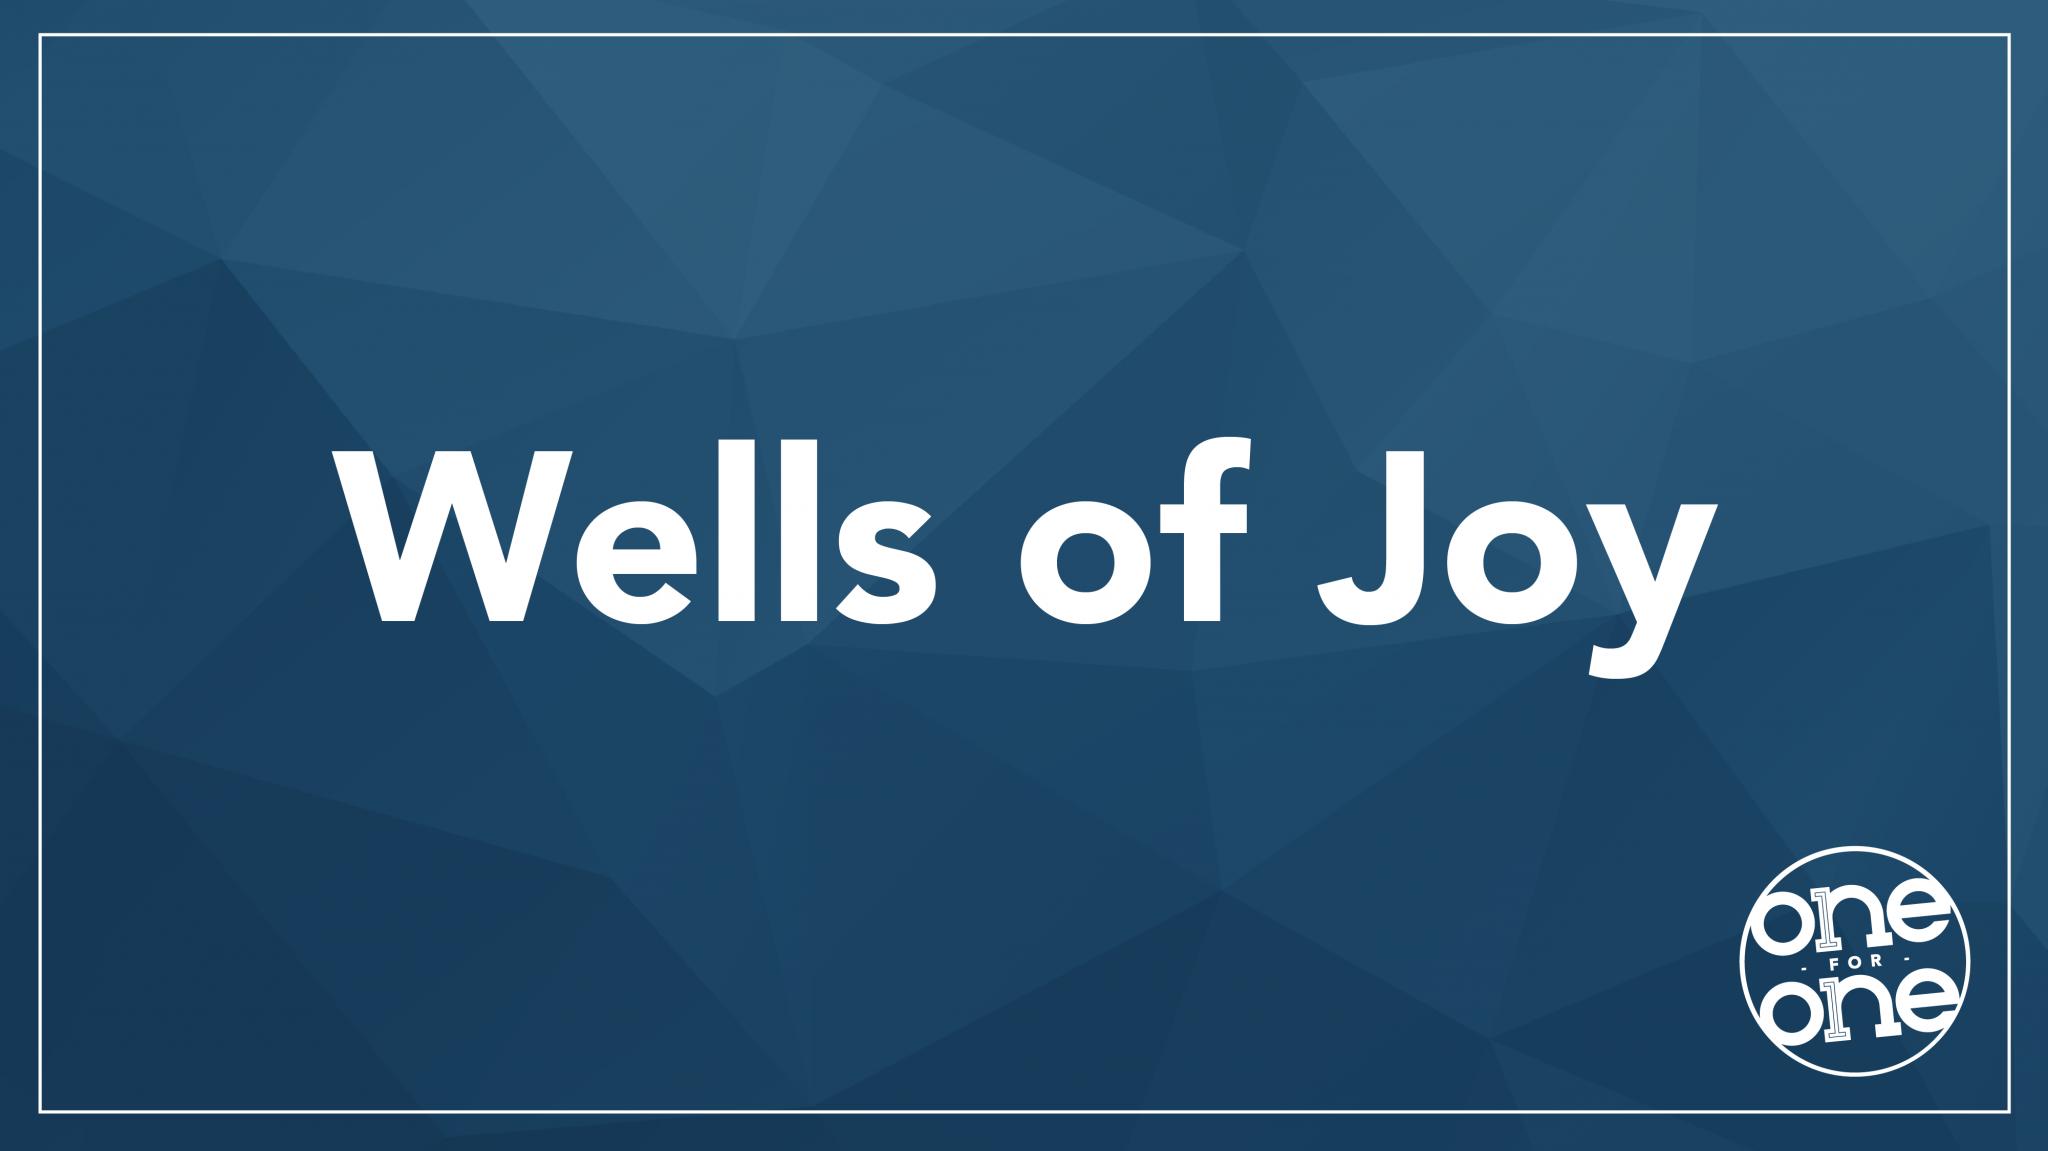 Wells of Joy